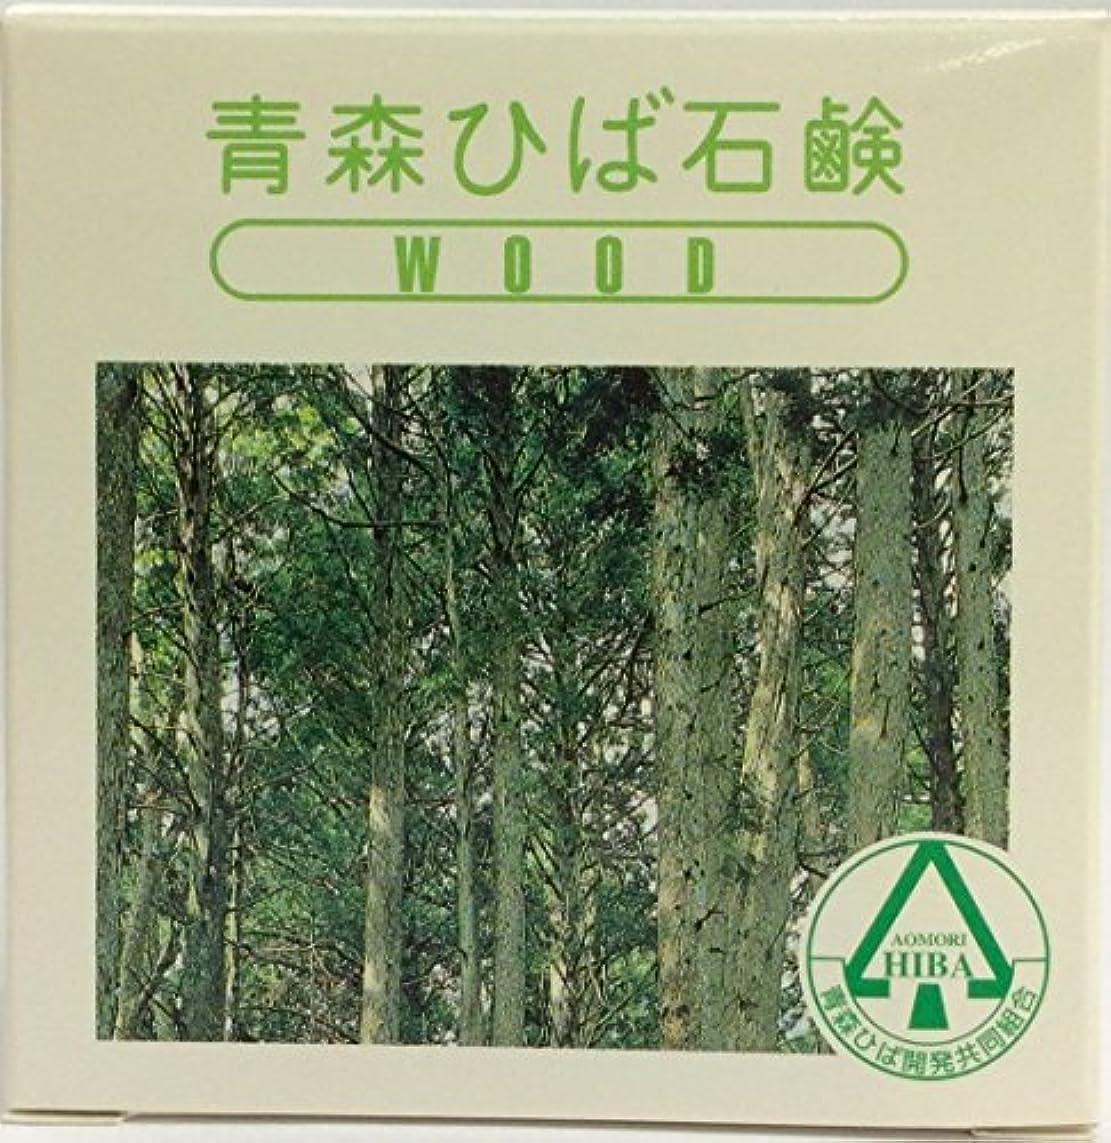 解明庭園解放する青森ひば石鹸 WOOD 95g クラウンウッド(Y)